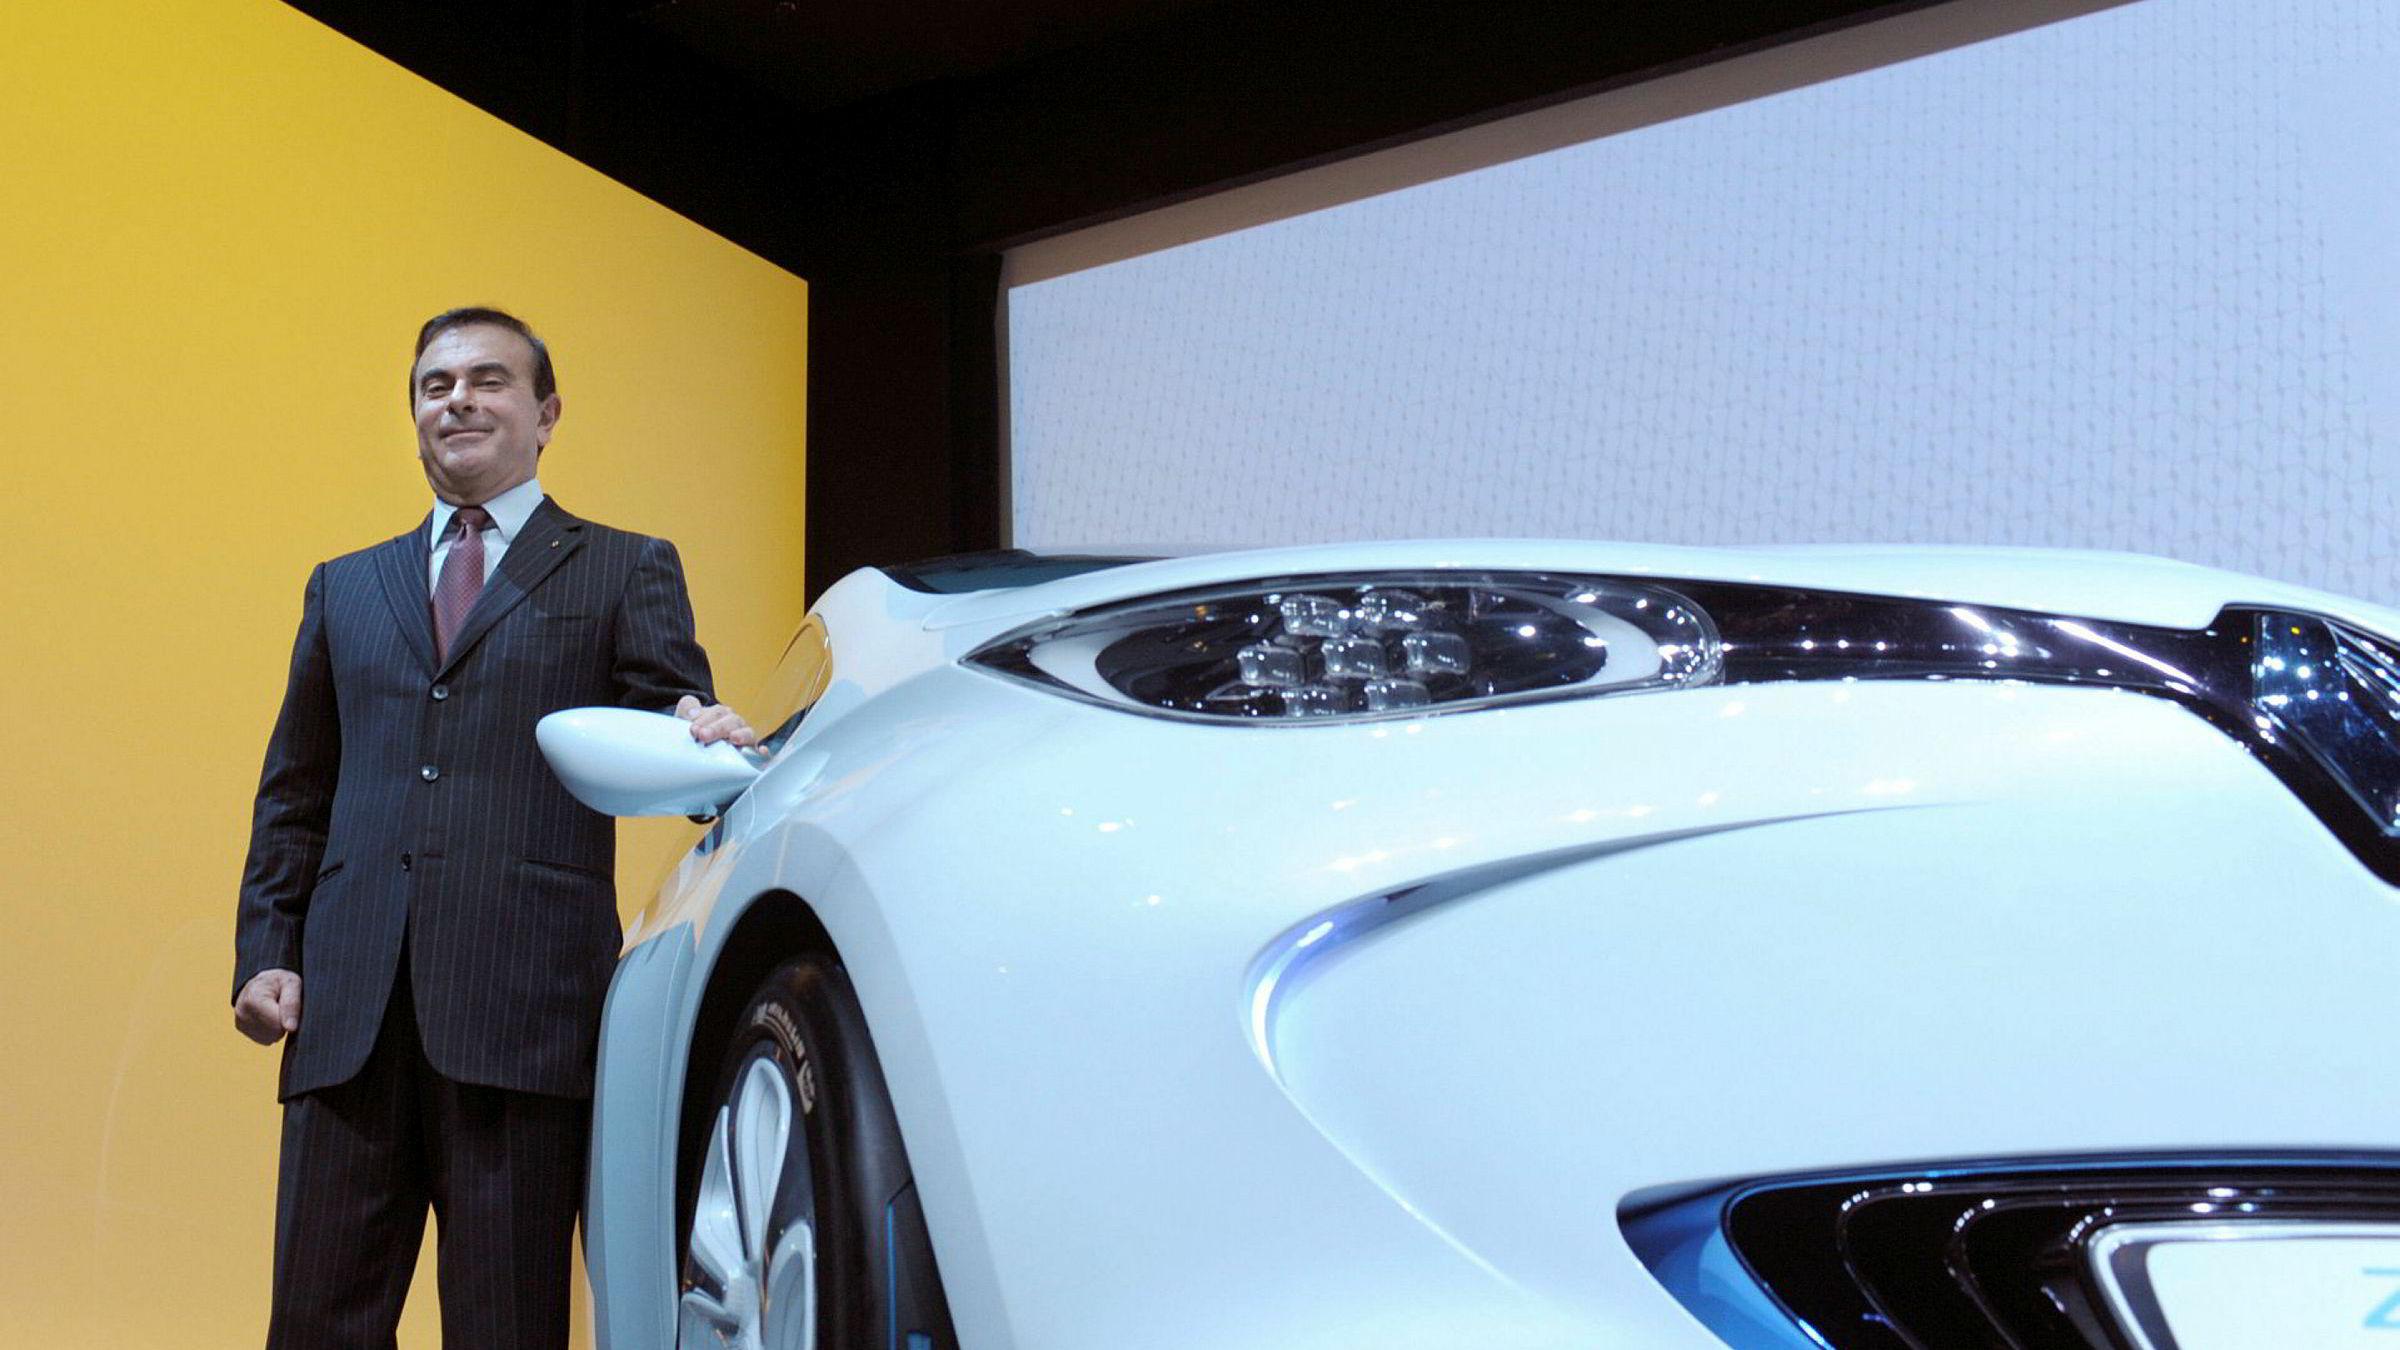 Styreleder og konsernsjef i Renault-konsernet, Carlos Ghosn, sier de trolig er den eneste bilprodusenten som tjener penger på elbiler.